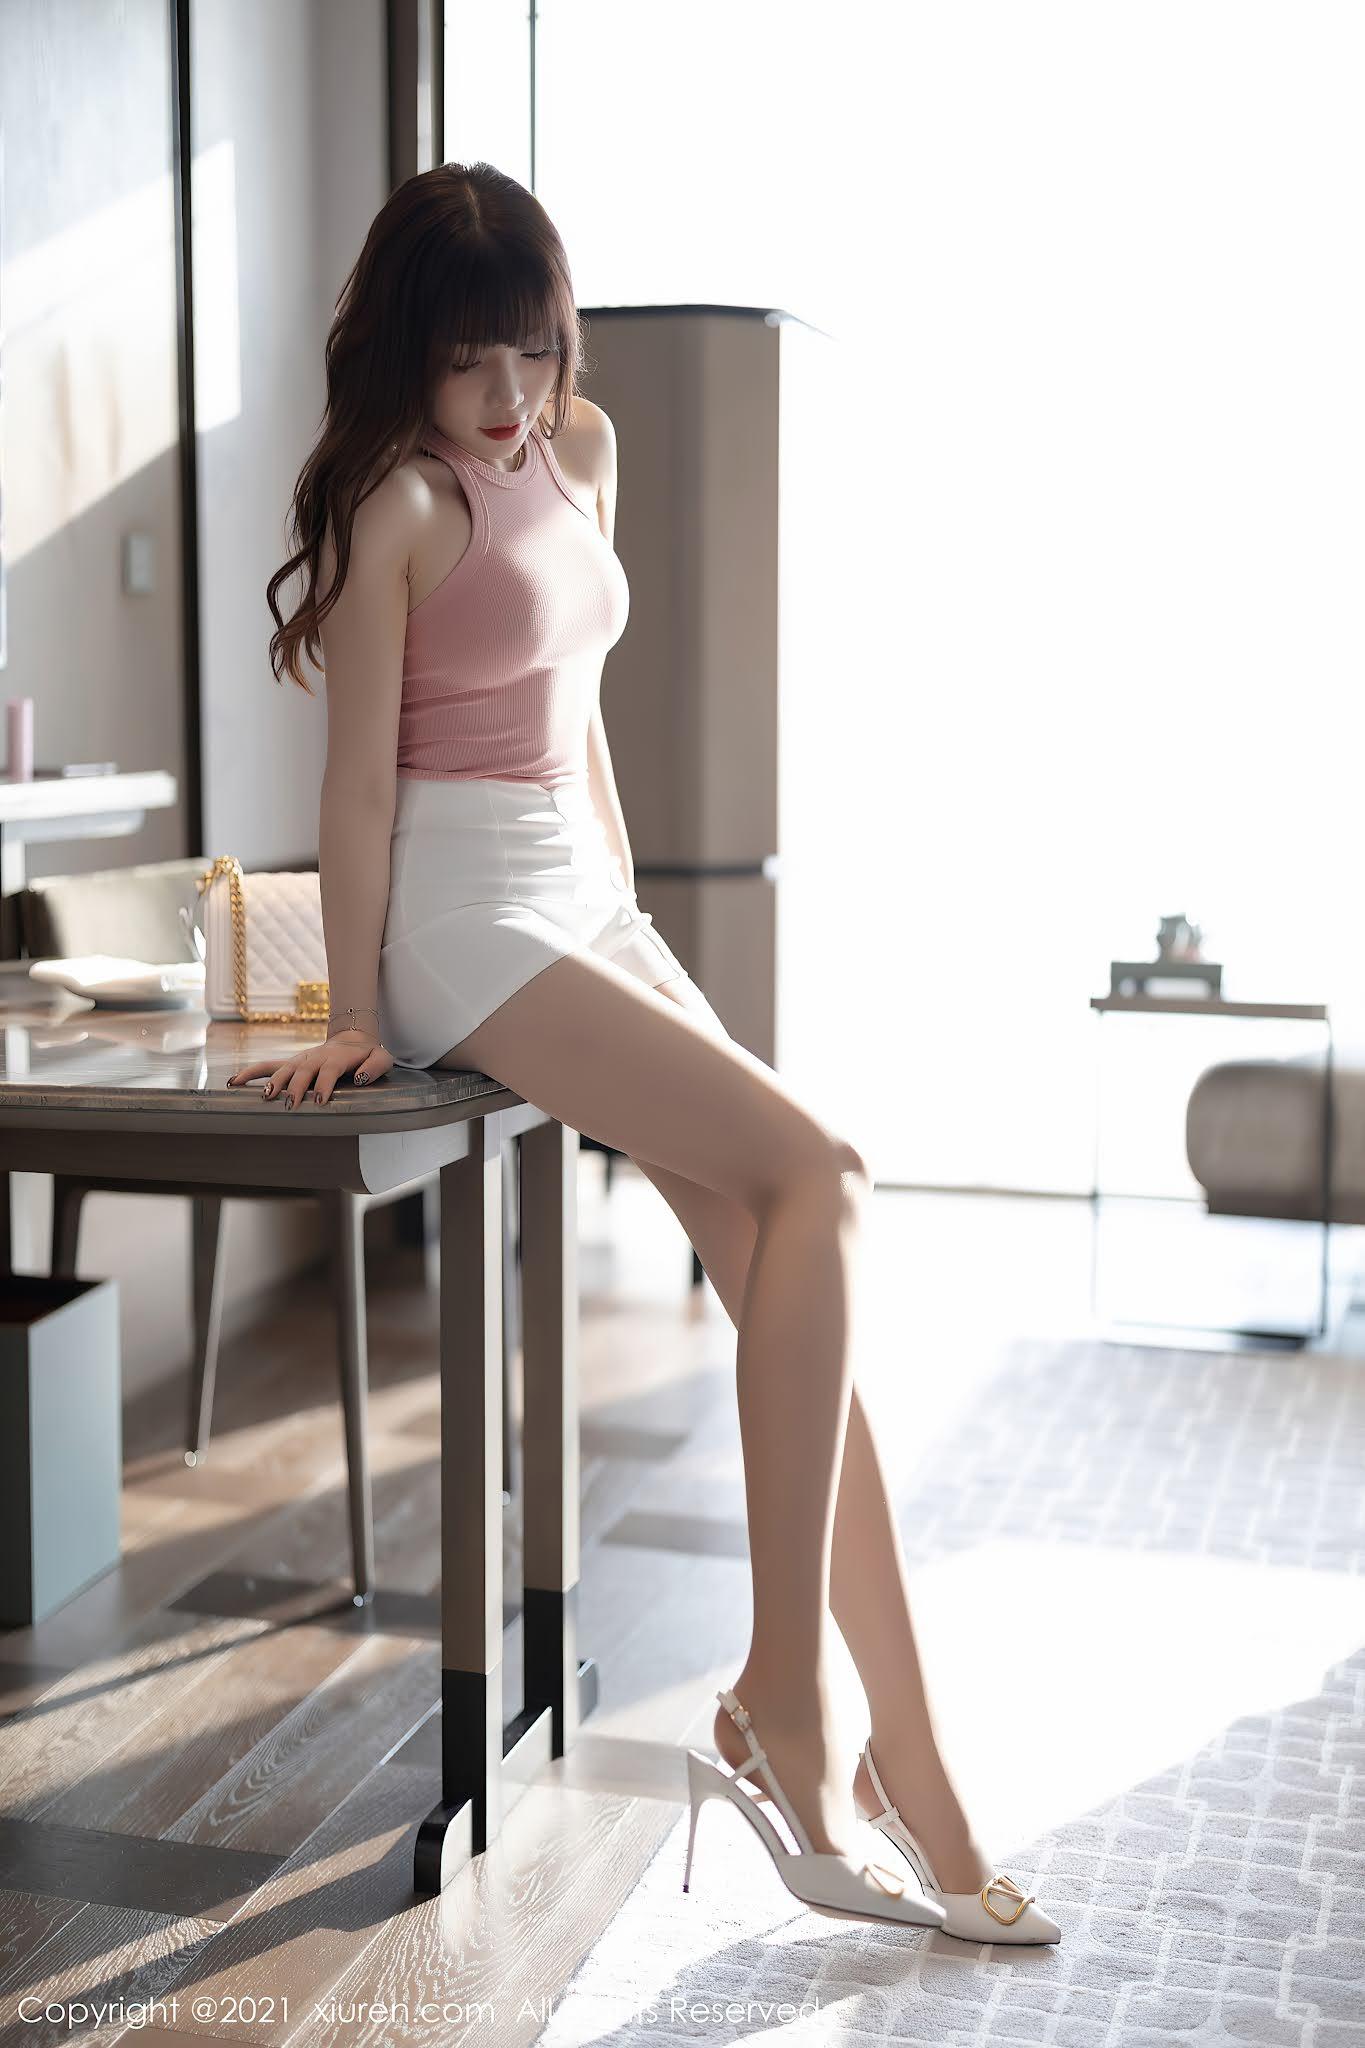 XIUREN-No.3245-Booty-Zhizhi-MrCong.com-018